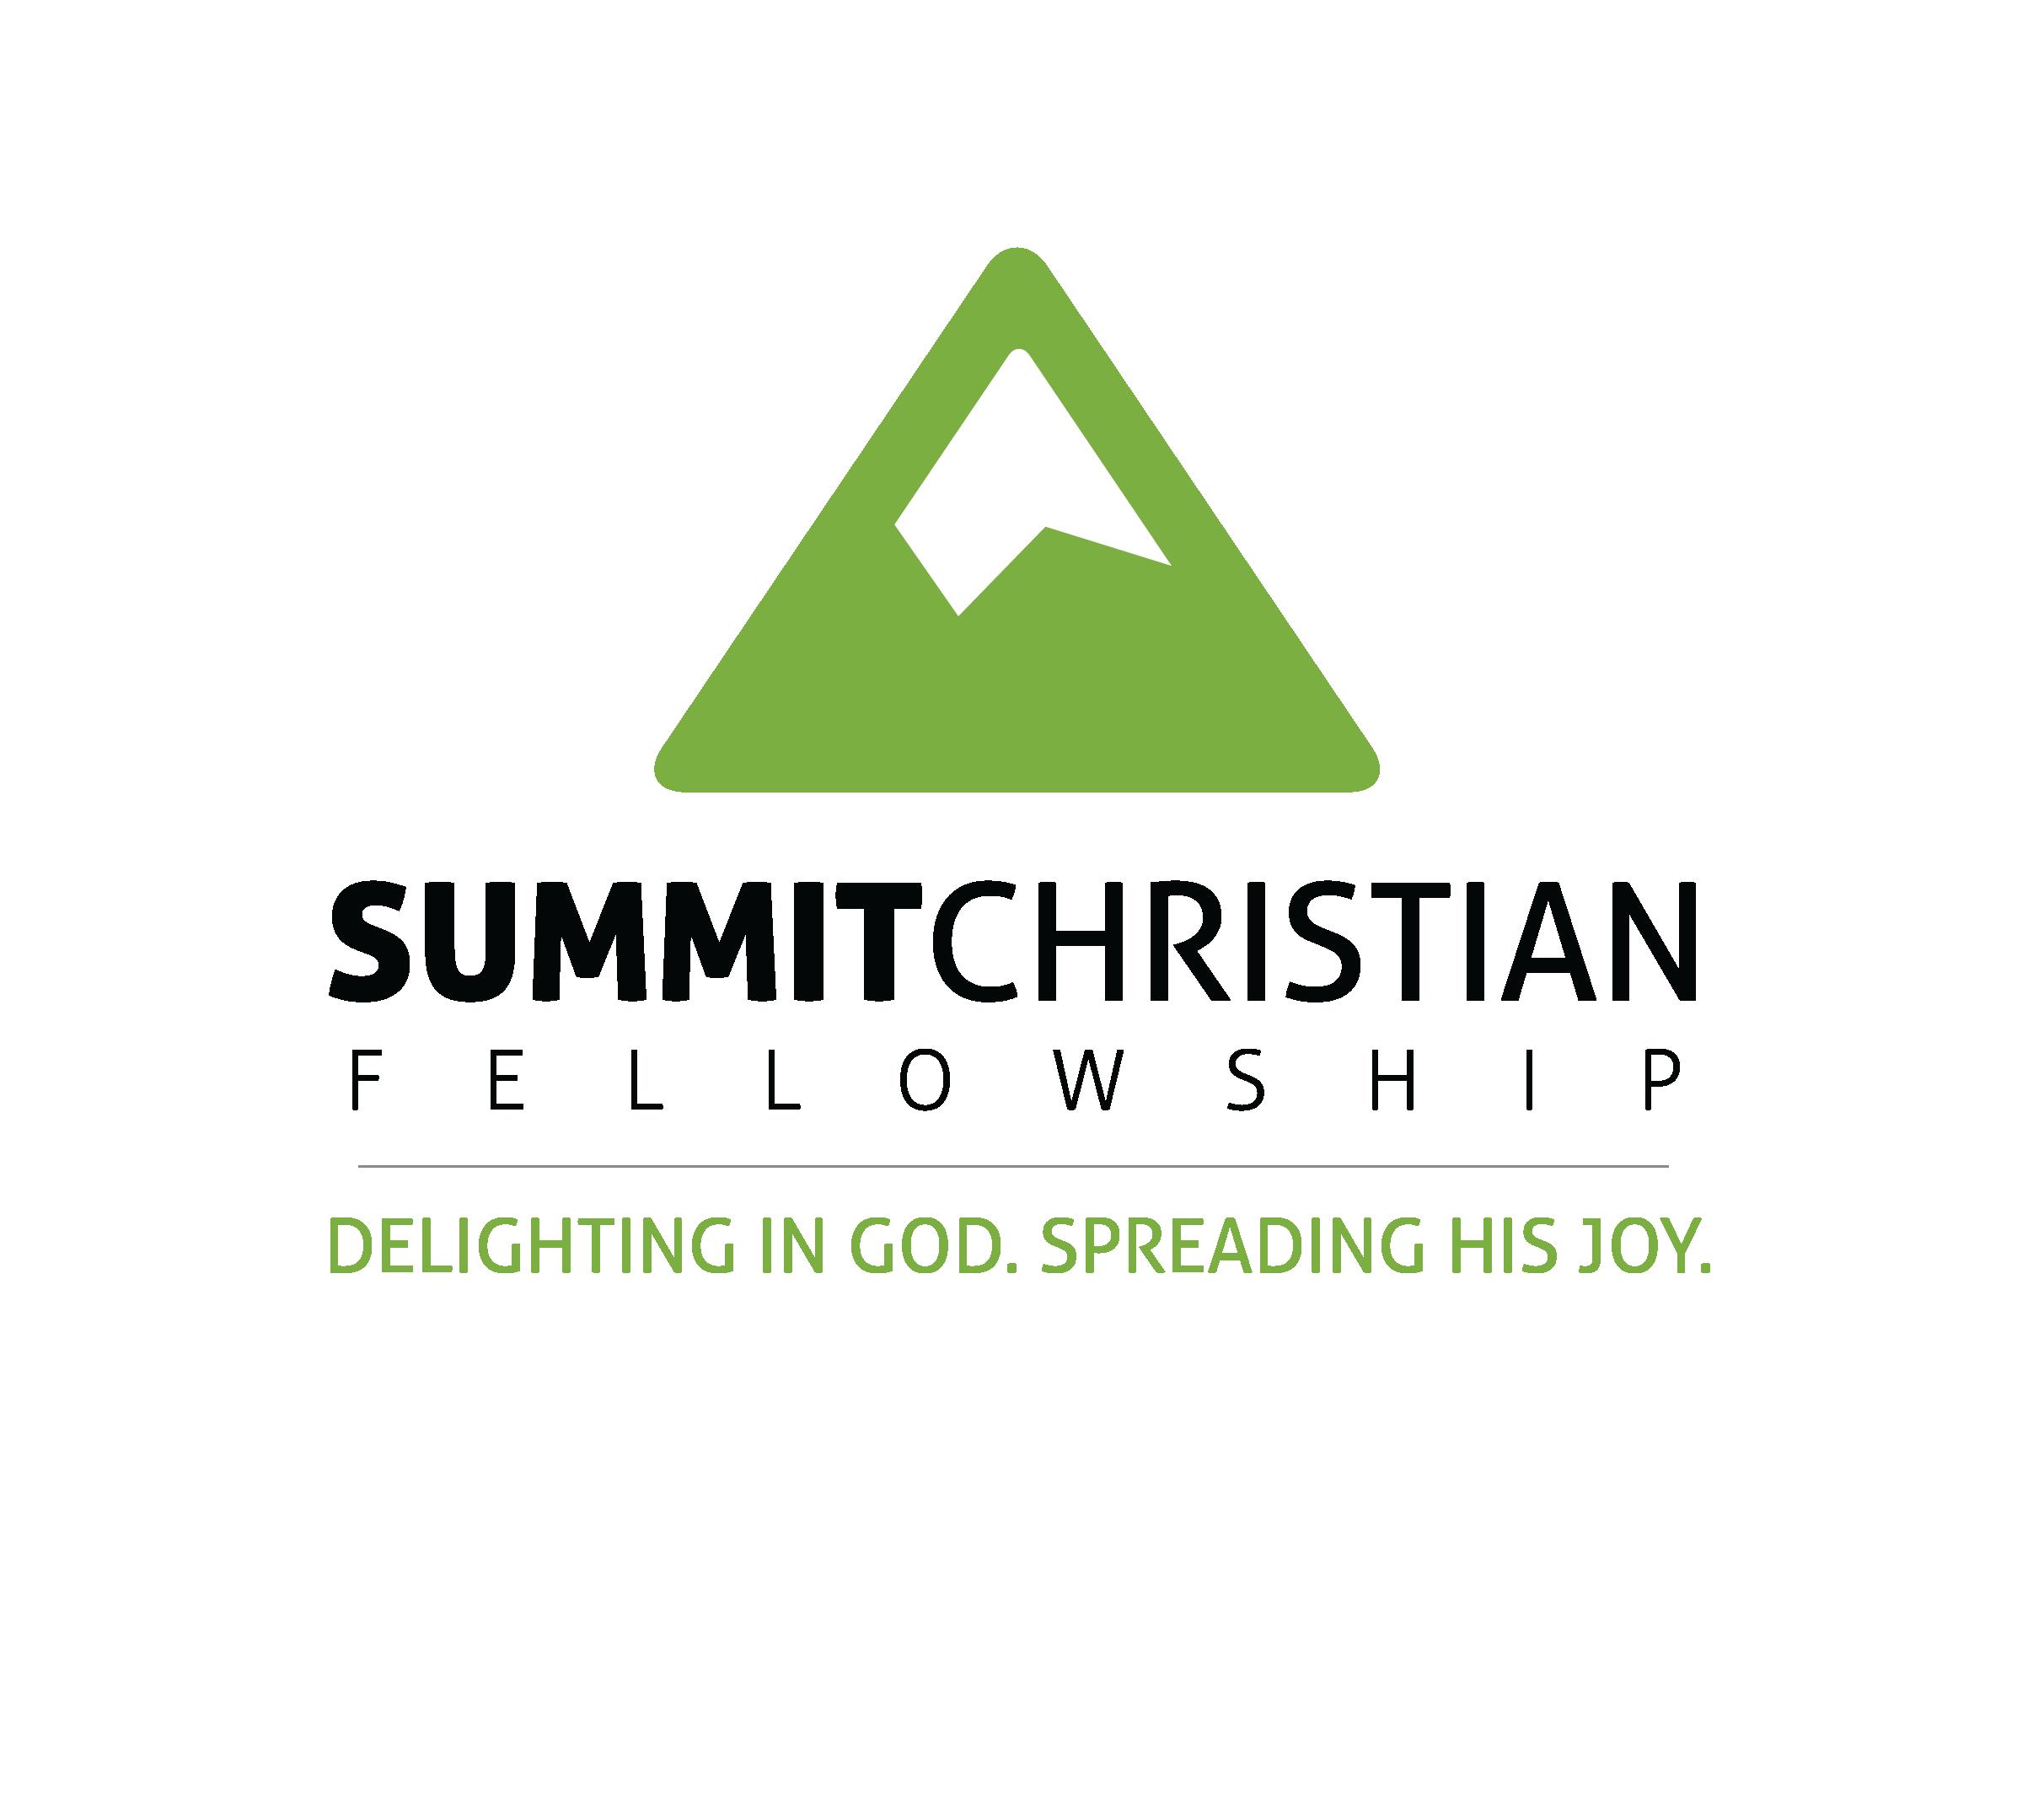 Summit Christian Fellowship